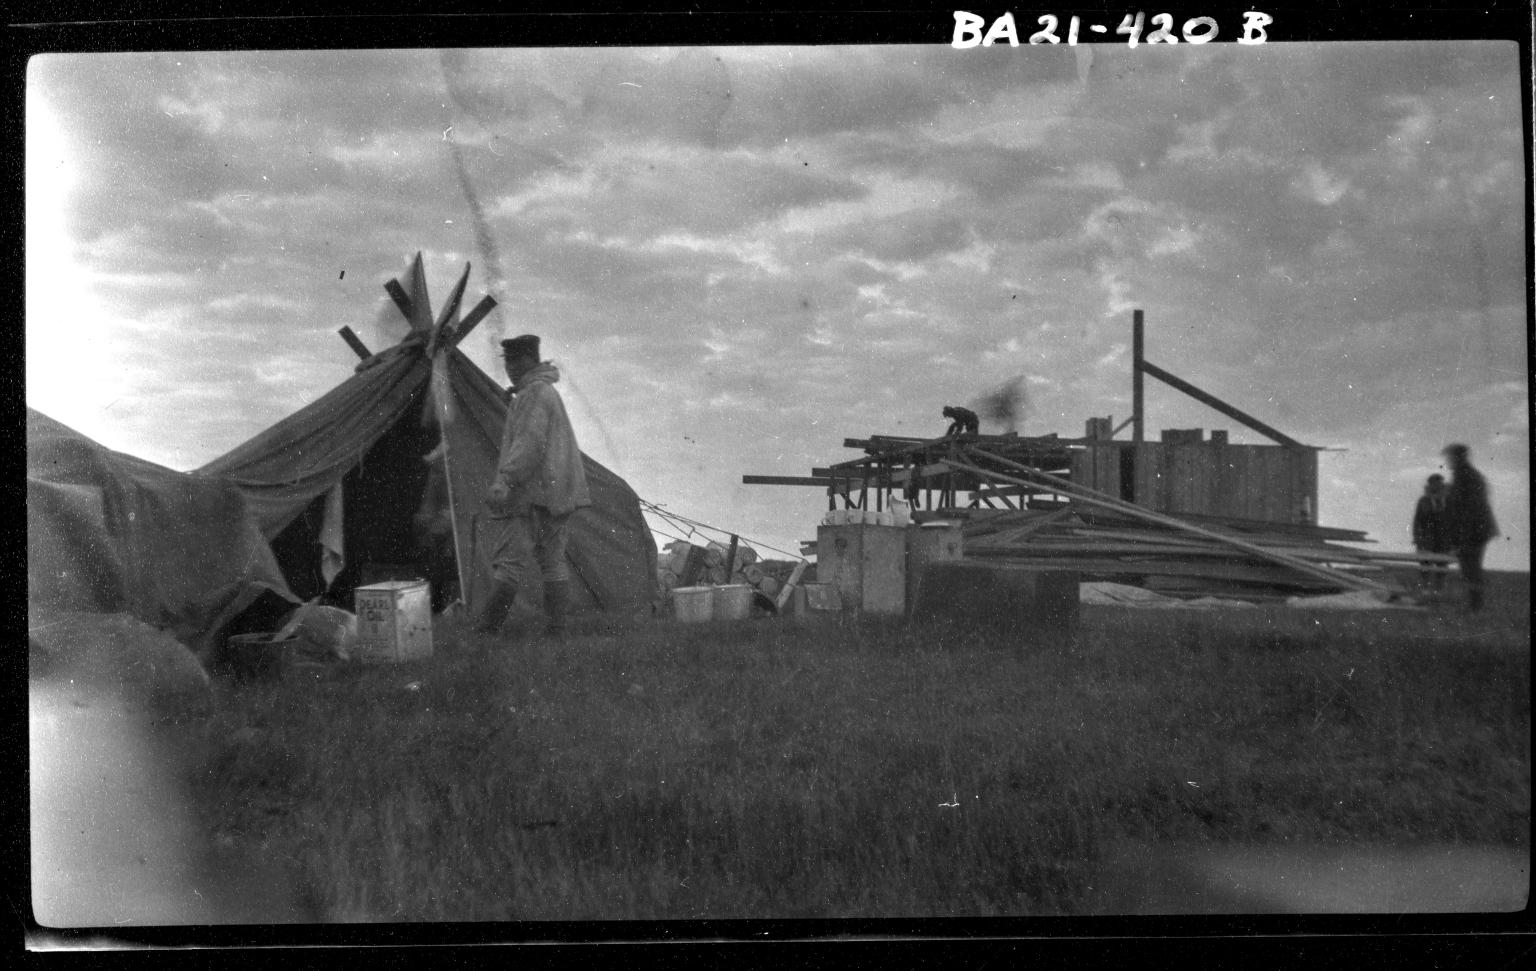 Amundsen at Camp